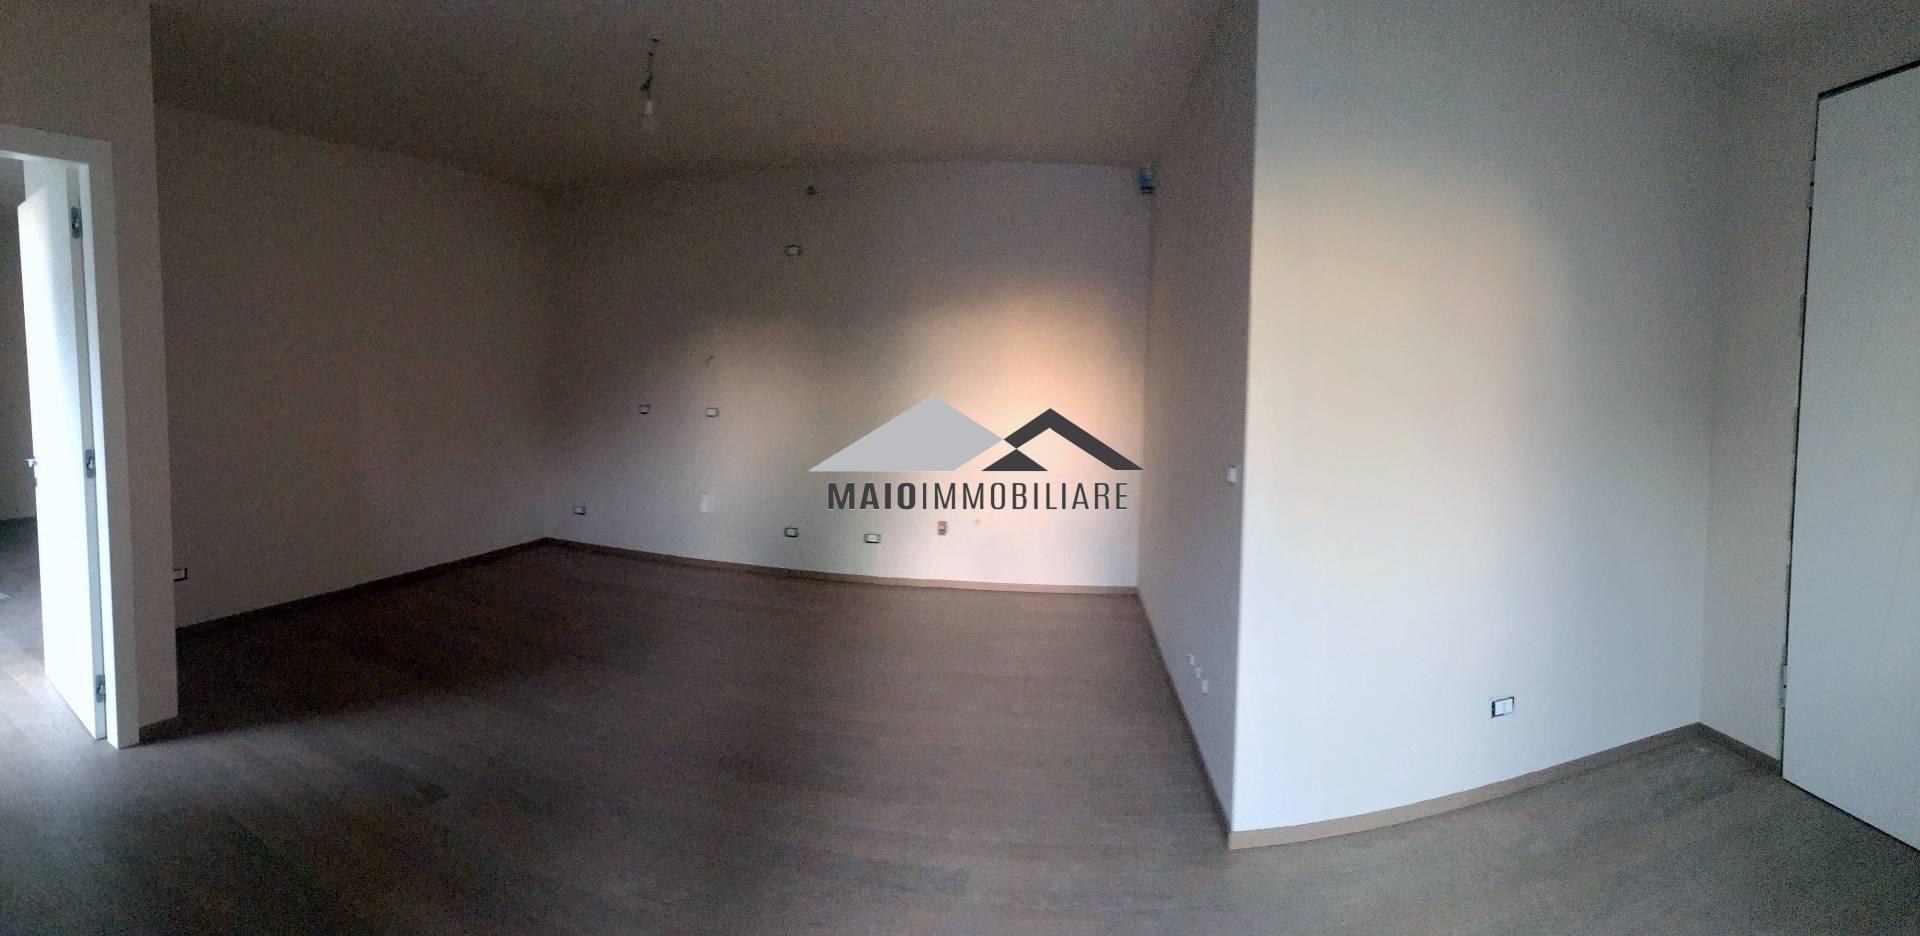 Appartamento in vendita a Riccione, 2 locali, zona Località: PAESE, prezzo € 430.000 | Cambio Casa.it